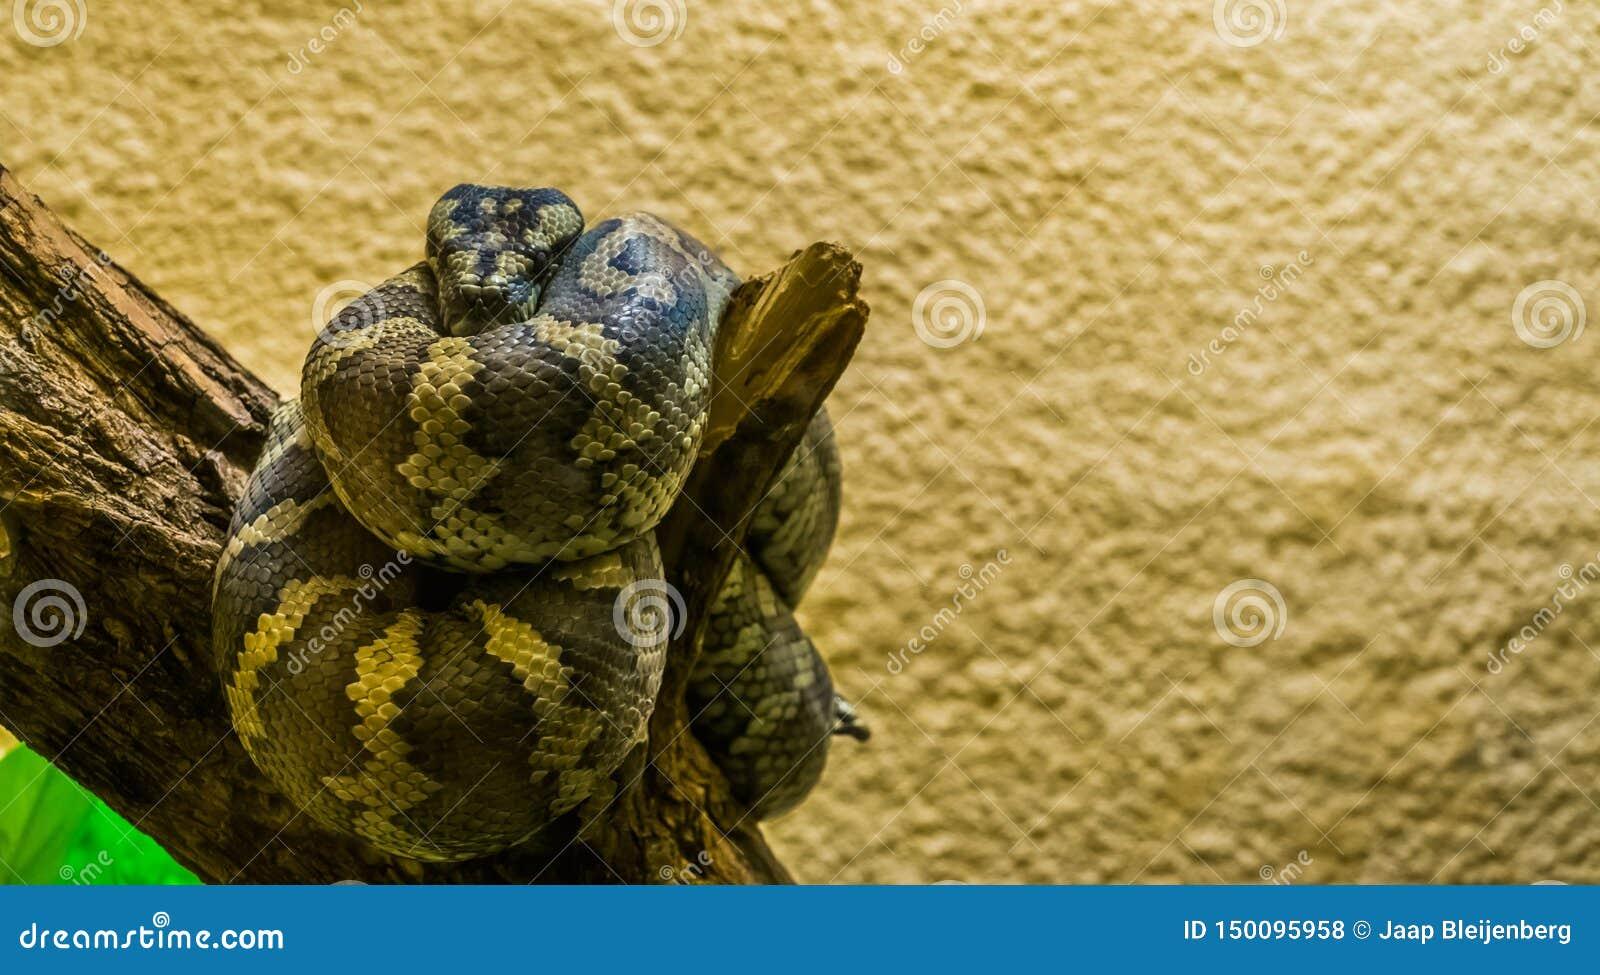 Het portret van een noordwestelijke tapijtpython rolde omhoog op een boomtak, tropisch reptiel van Australië